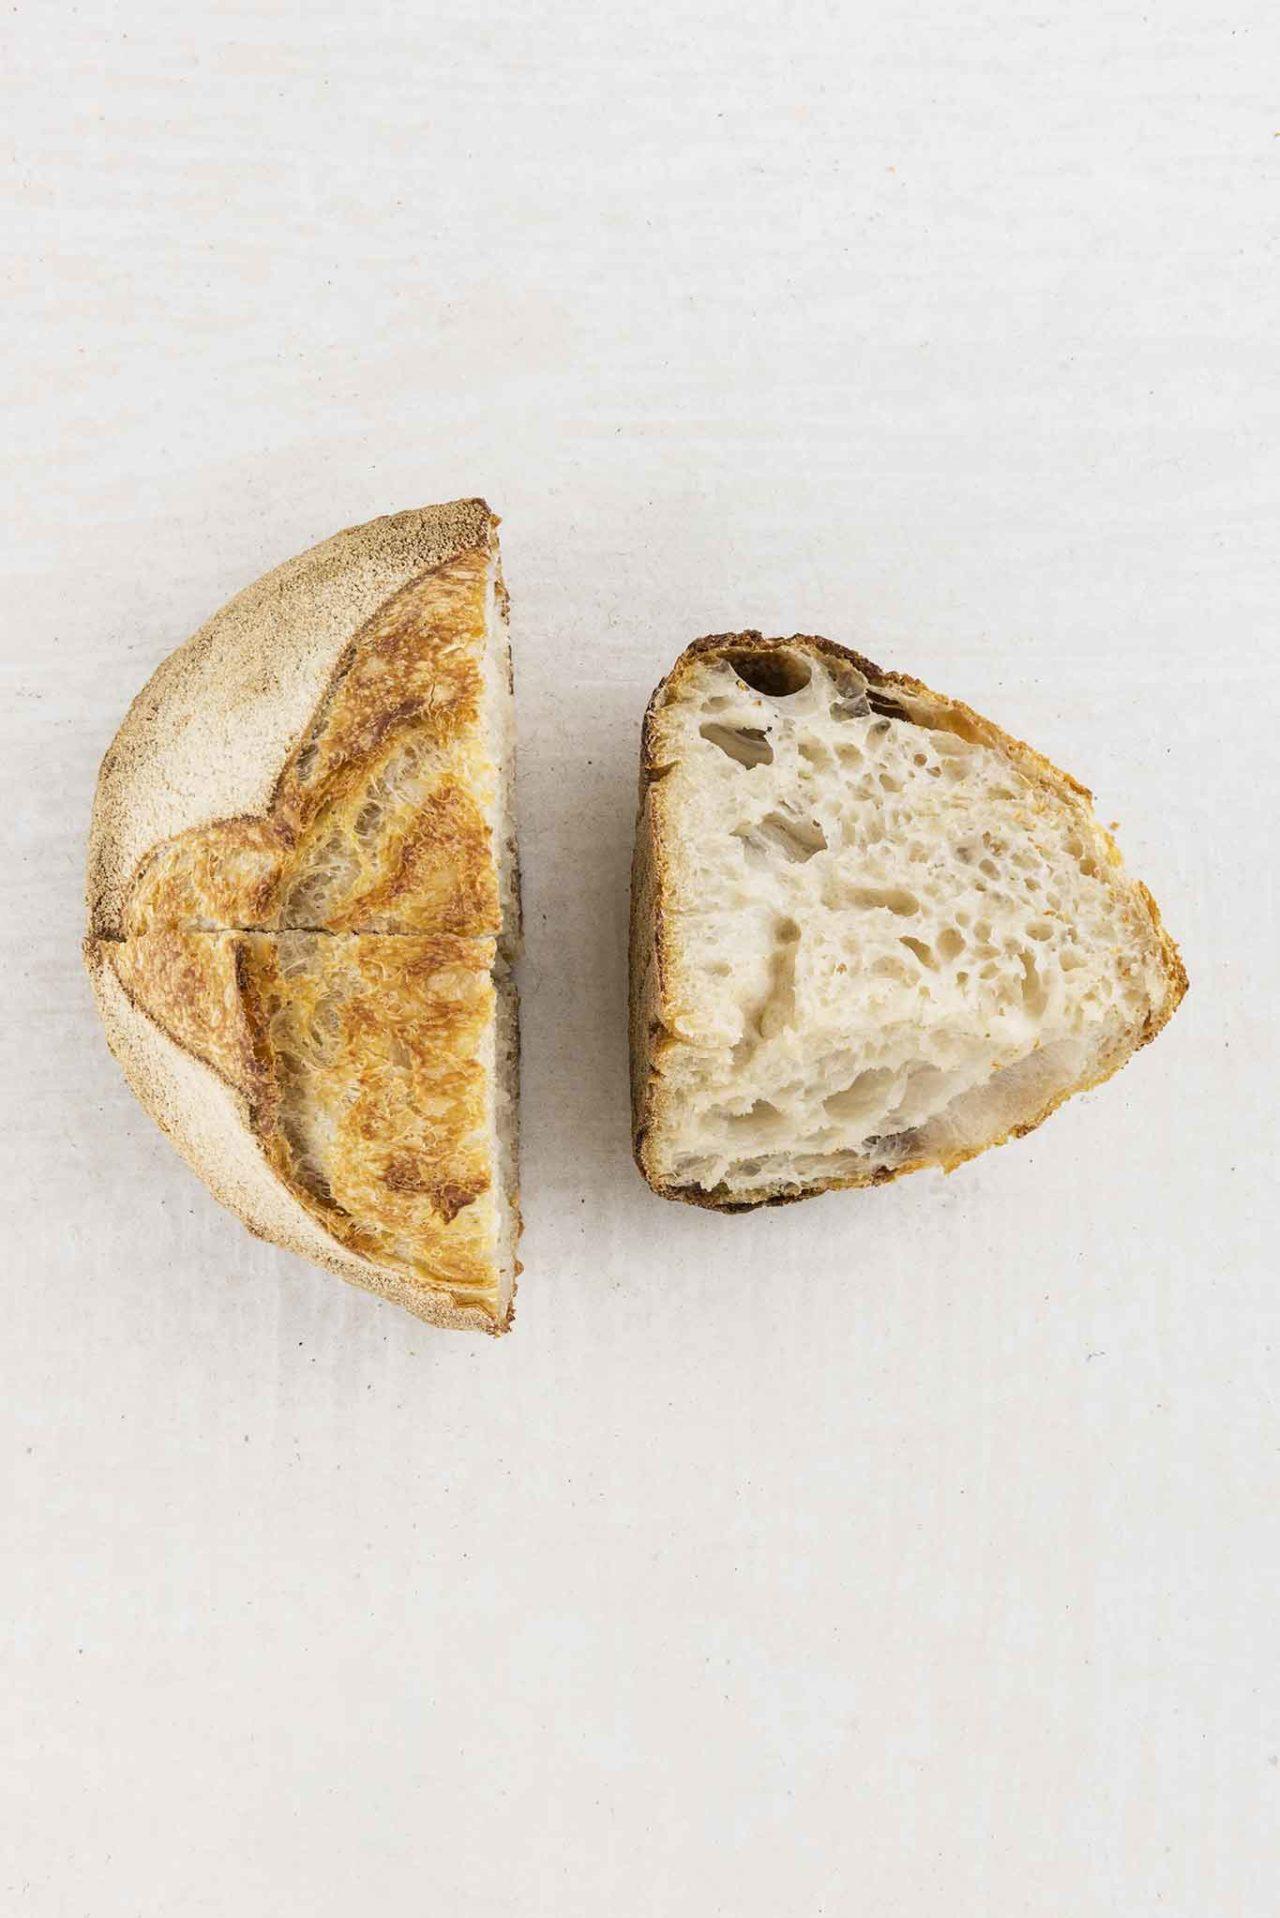 Nuovo menu degustazione ristorante Reale: pane